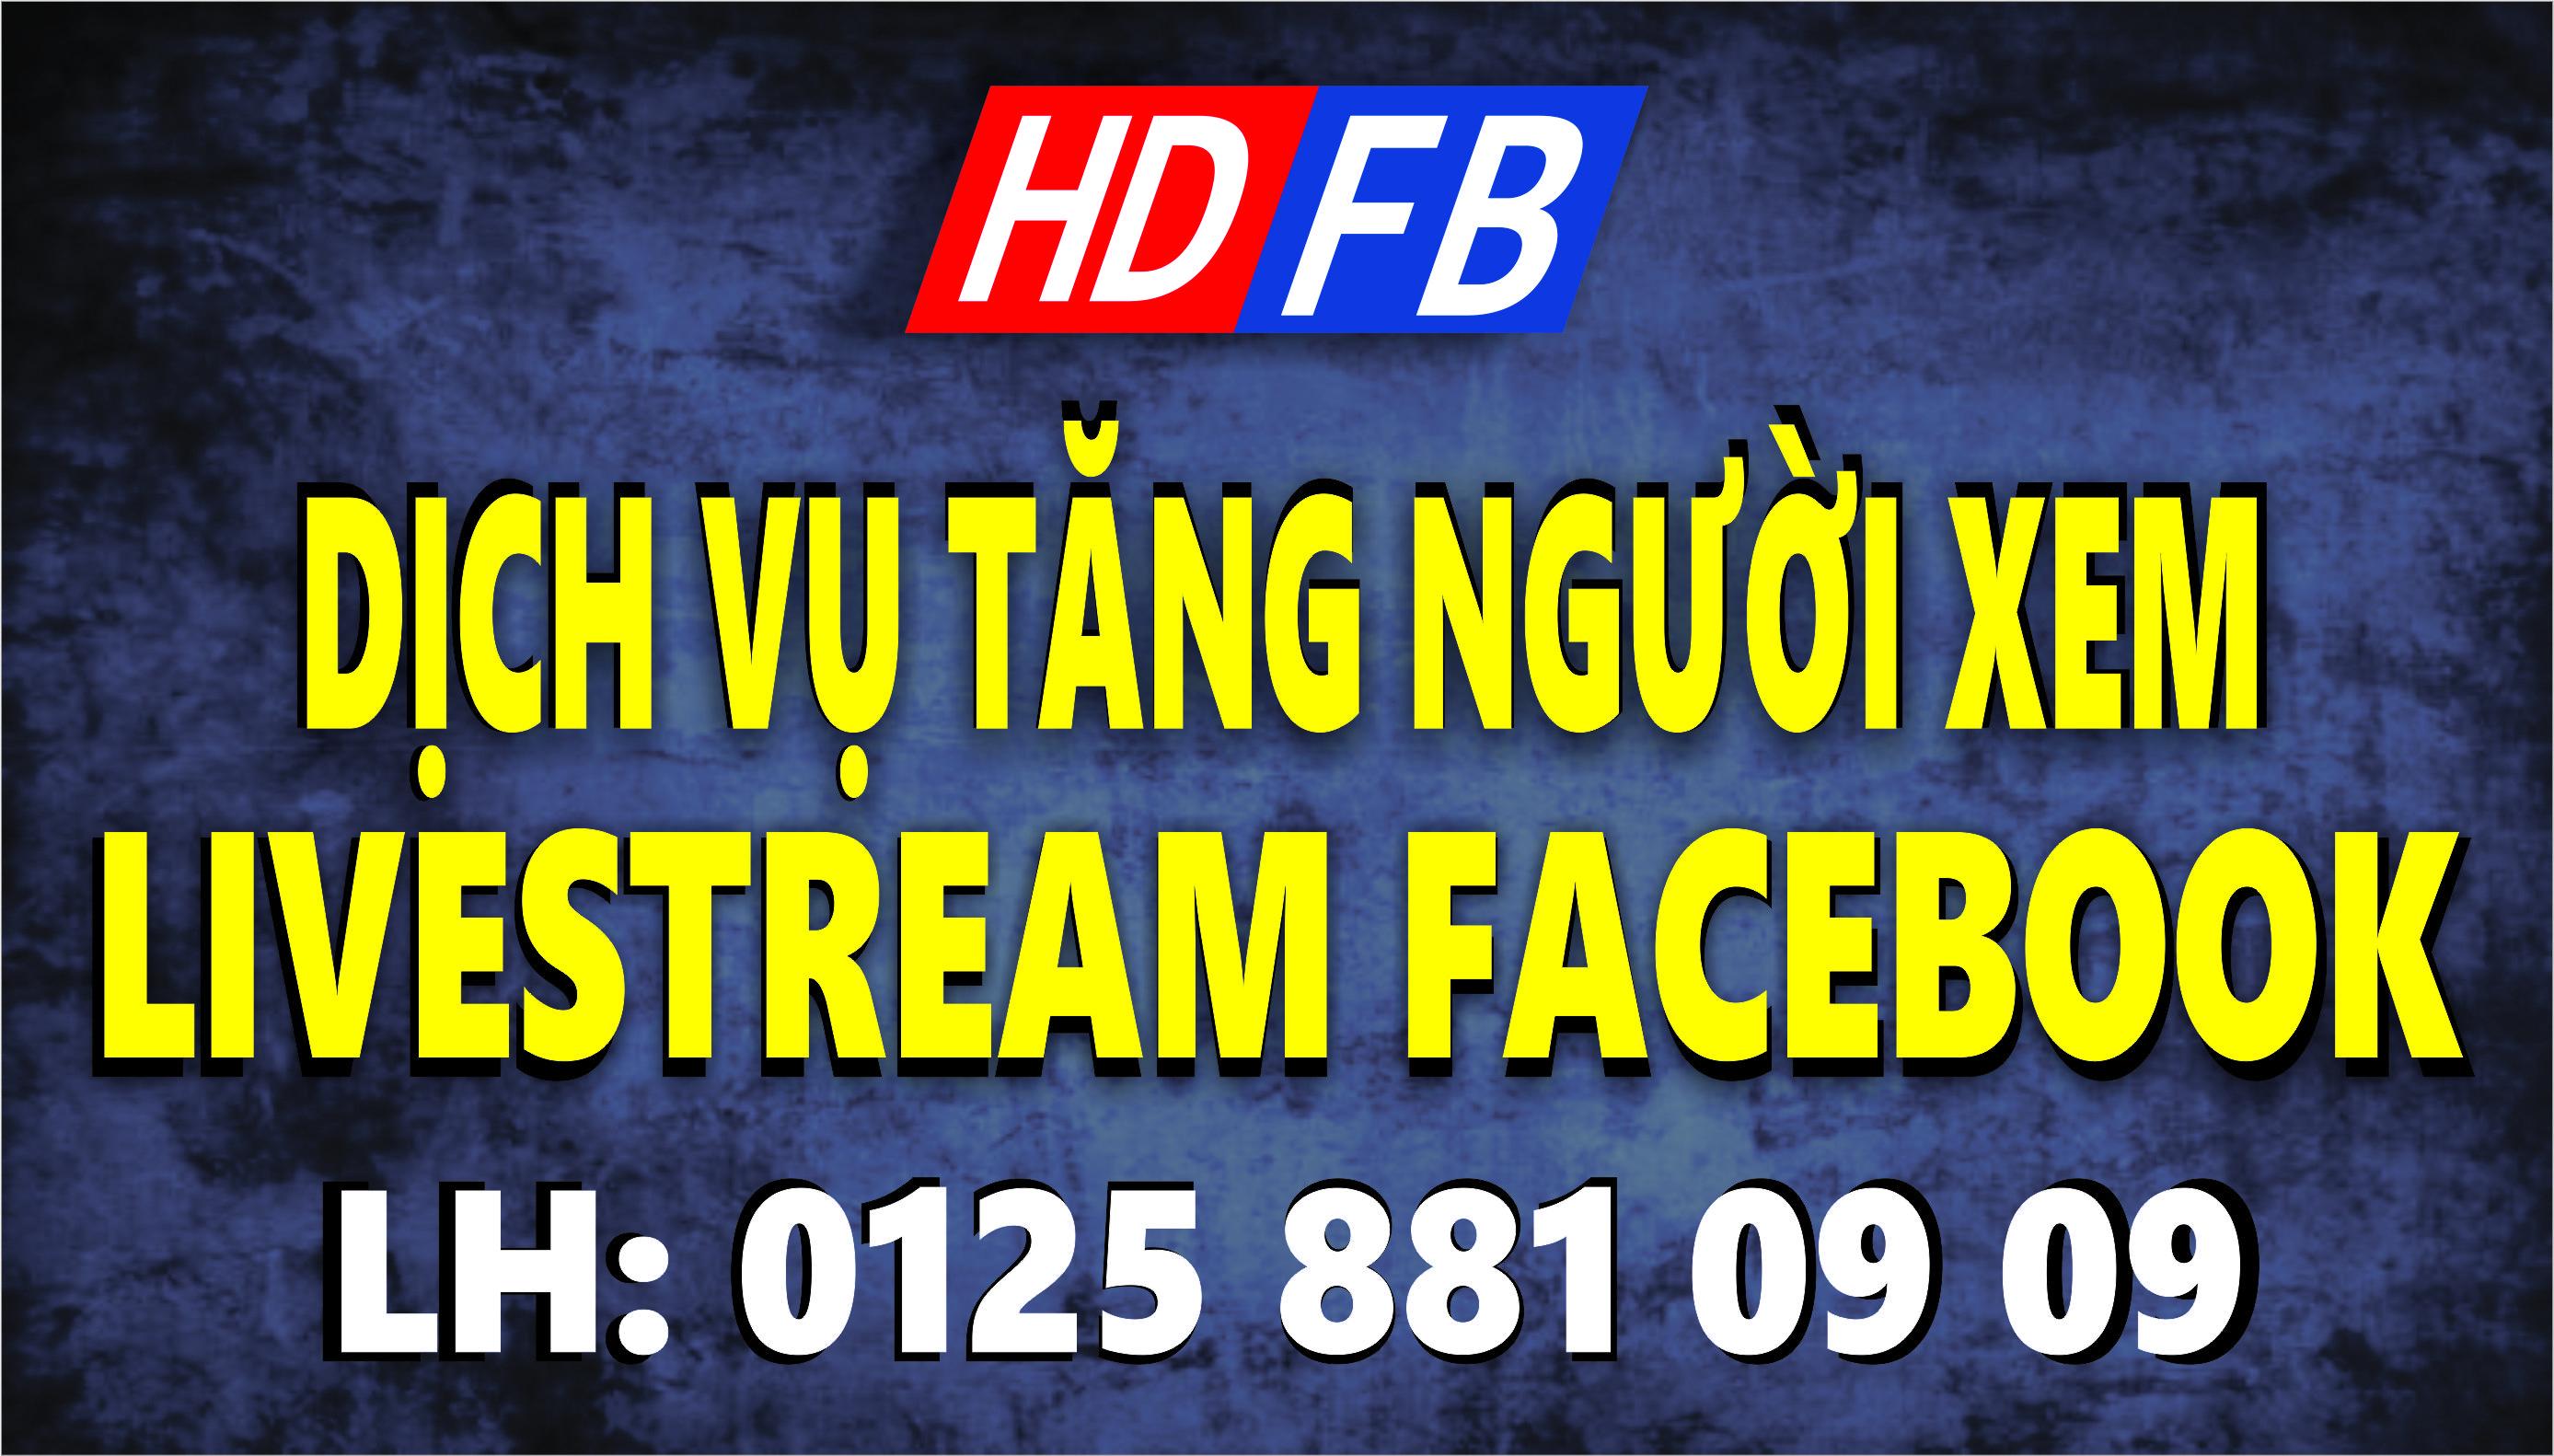 dịch vụ tăng người xem livestream facebook